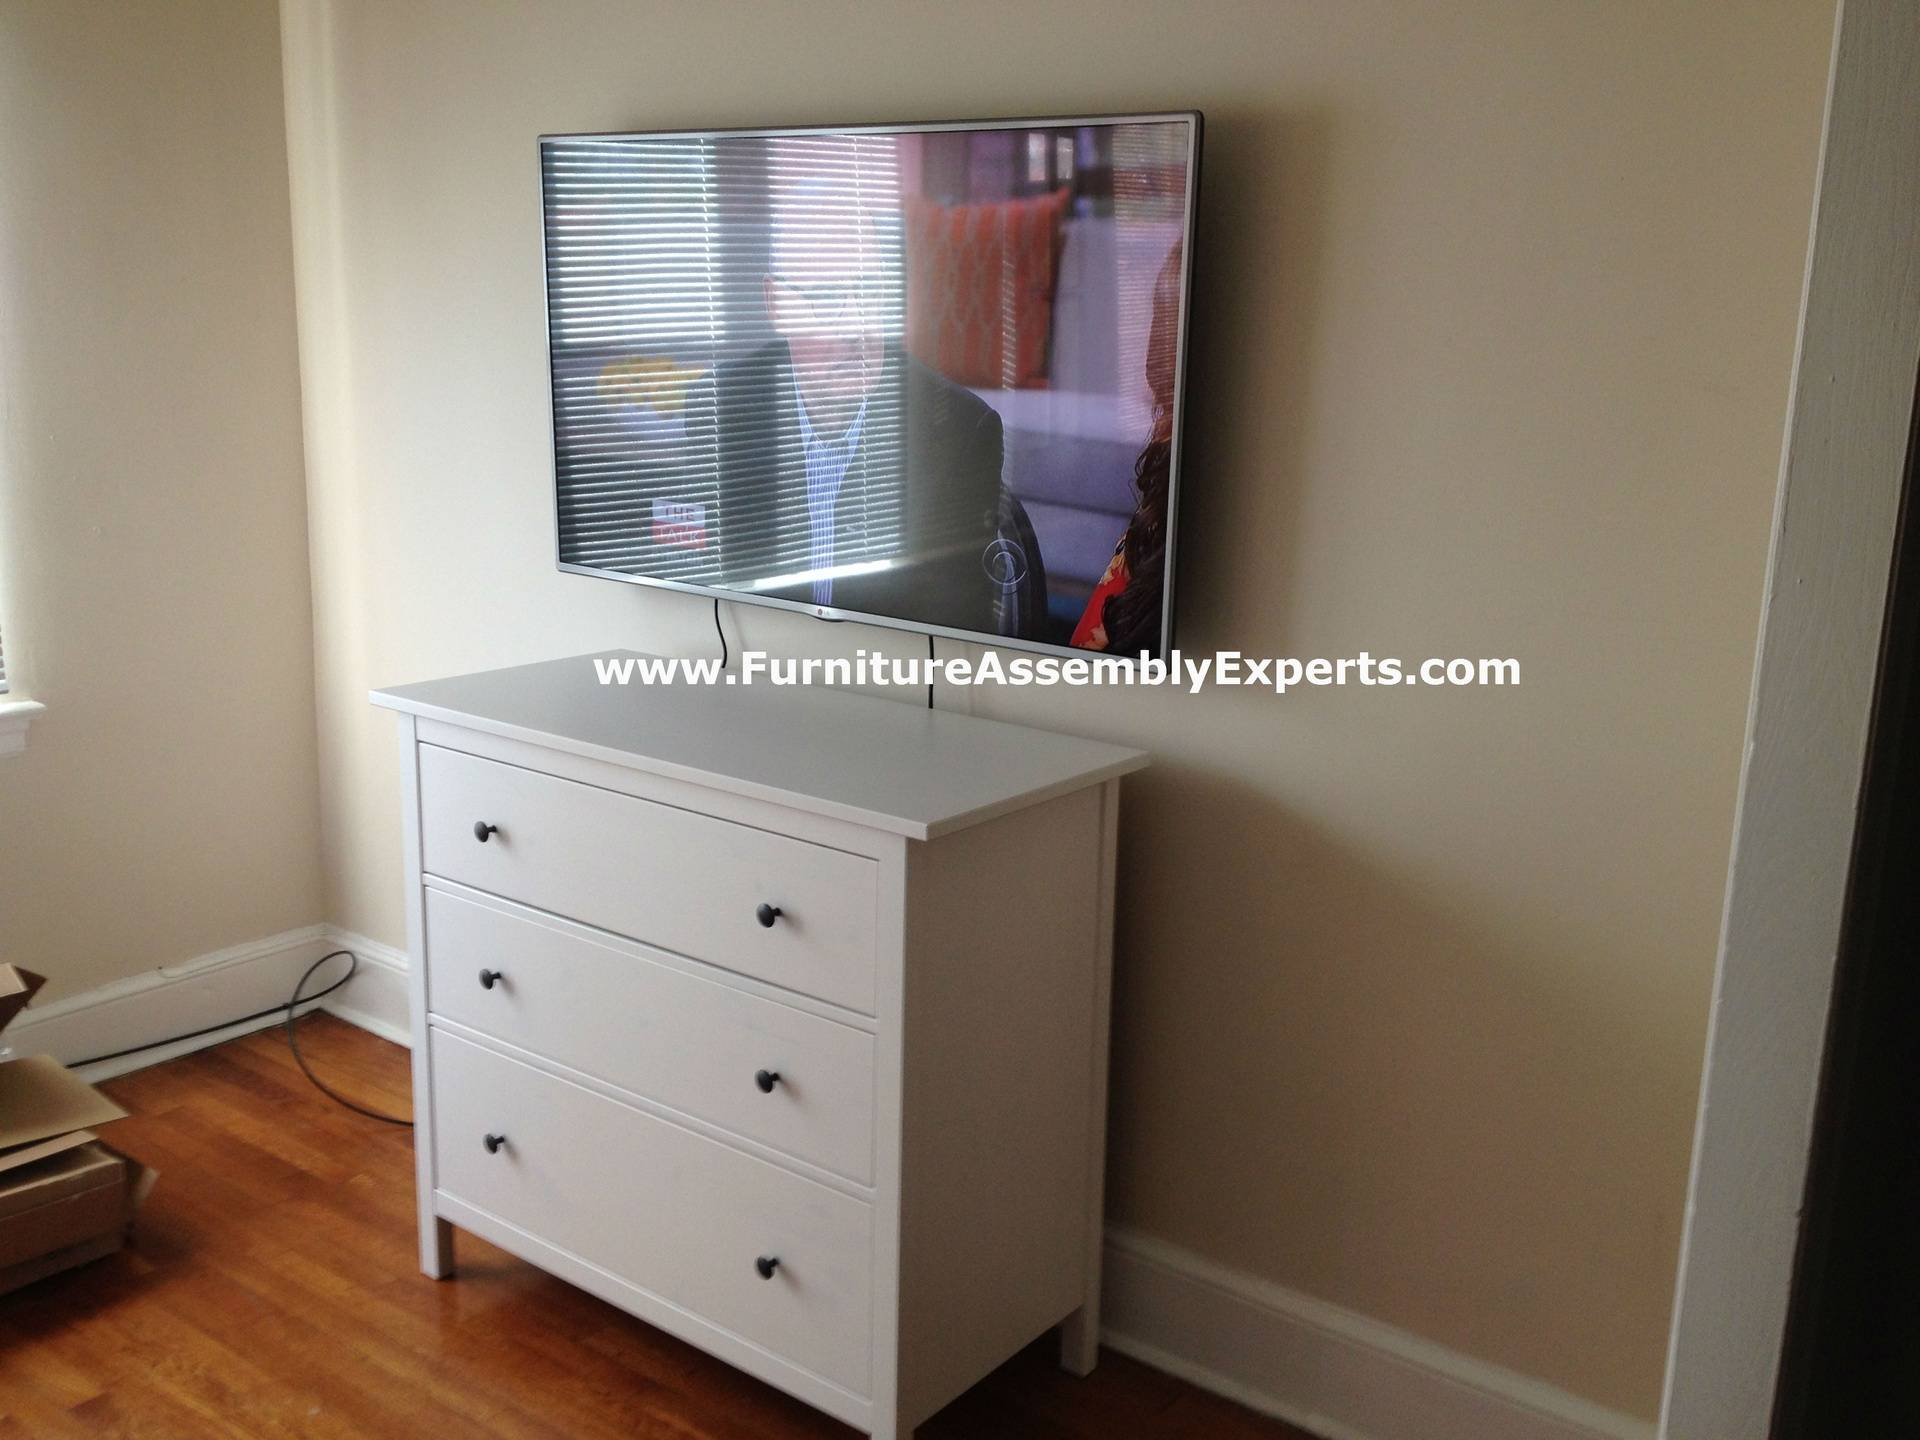 TV wall installation service in new carrollton MD